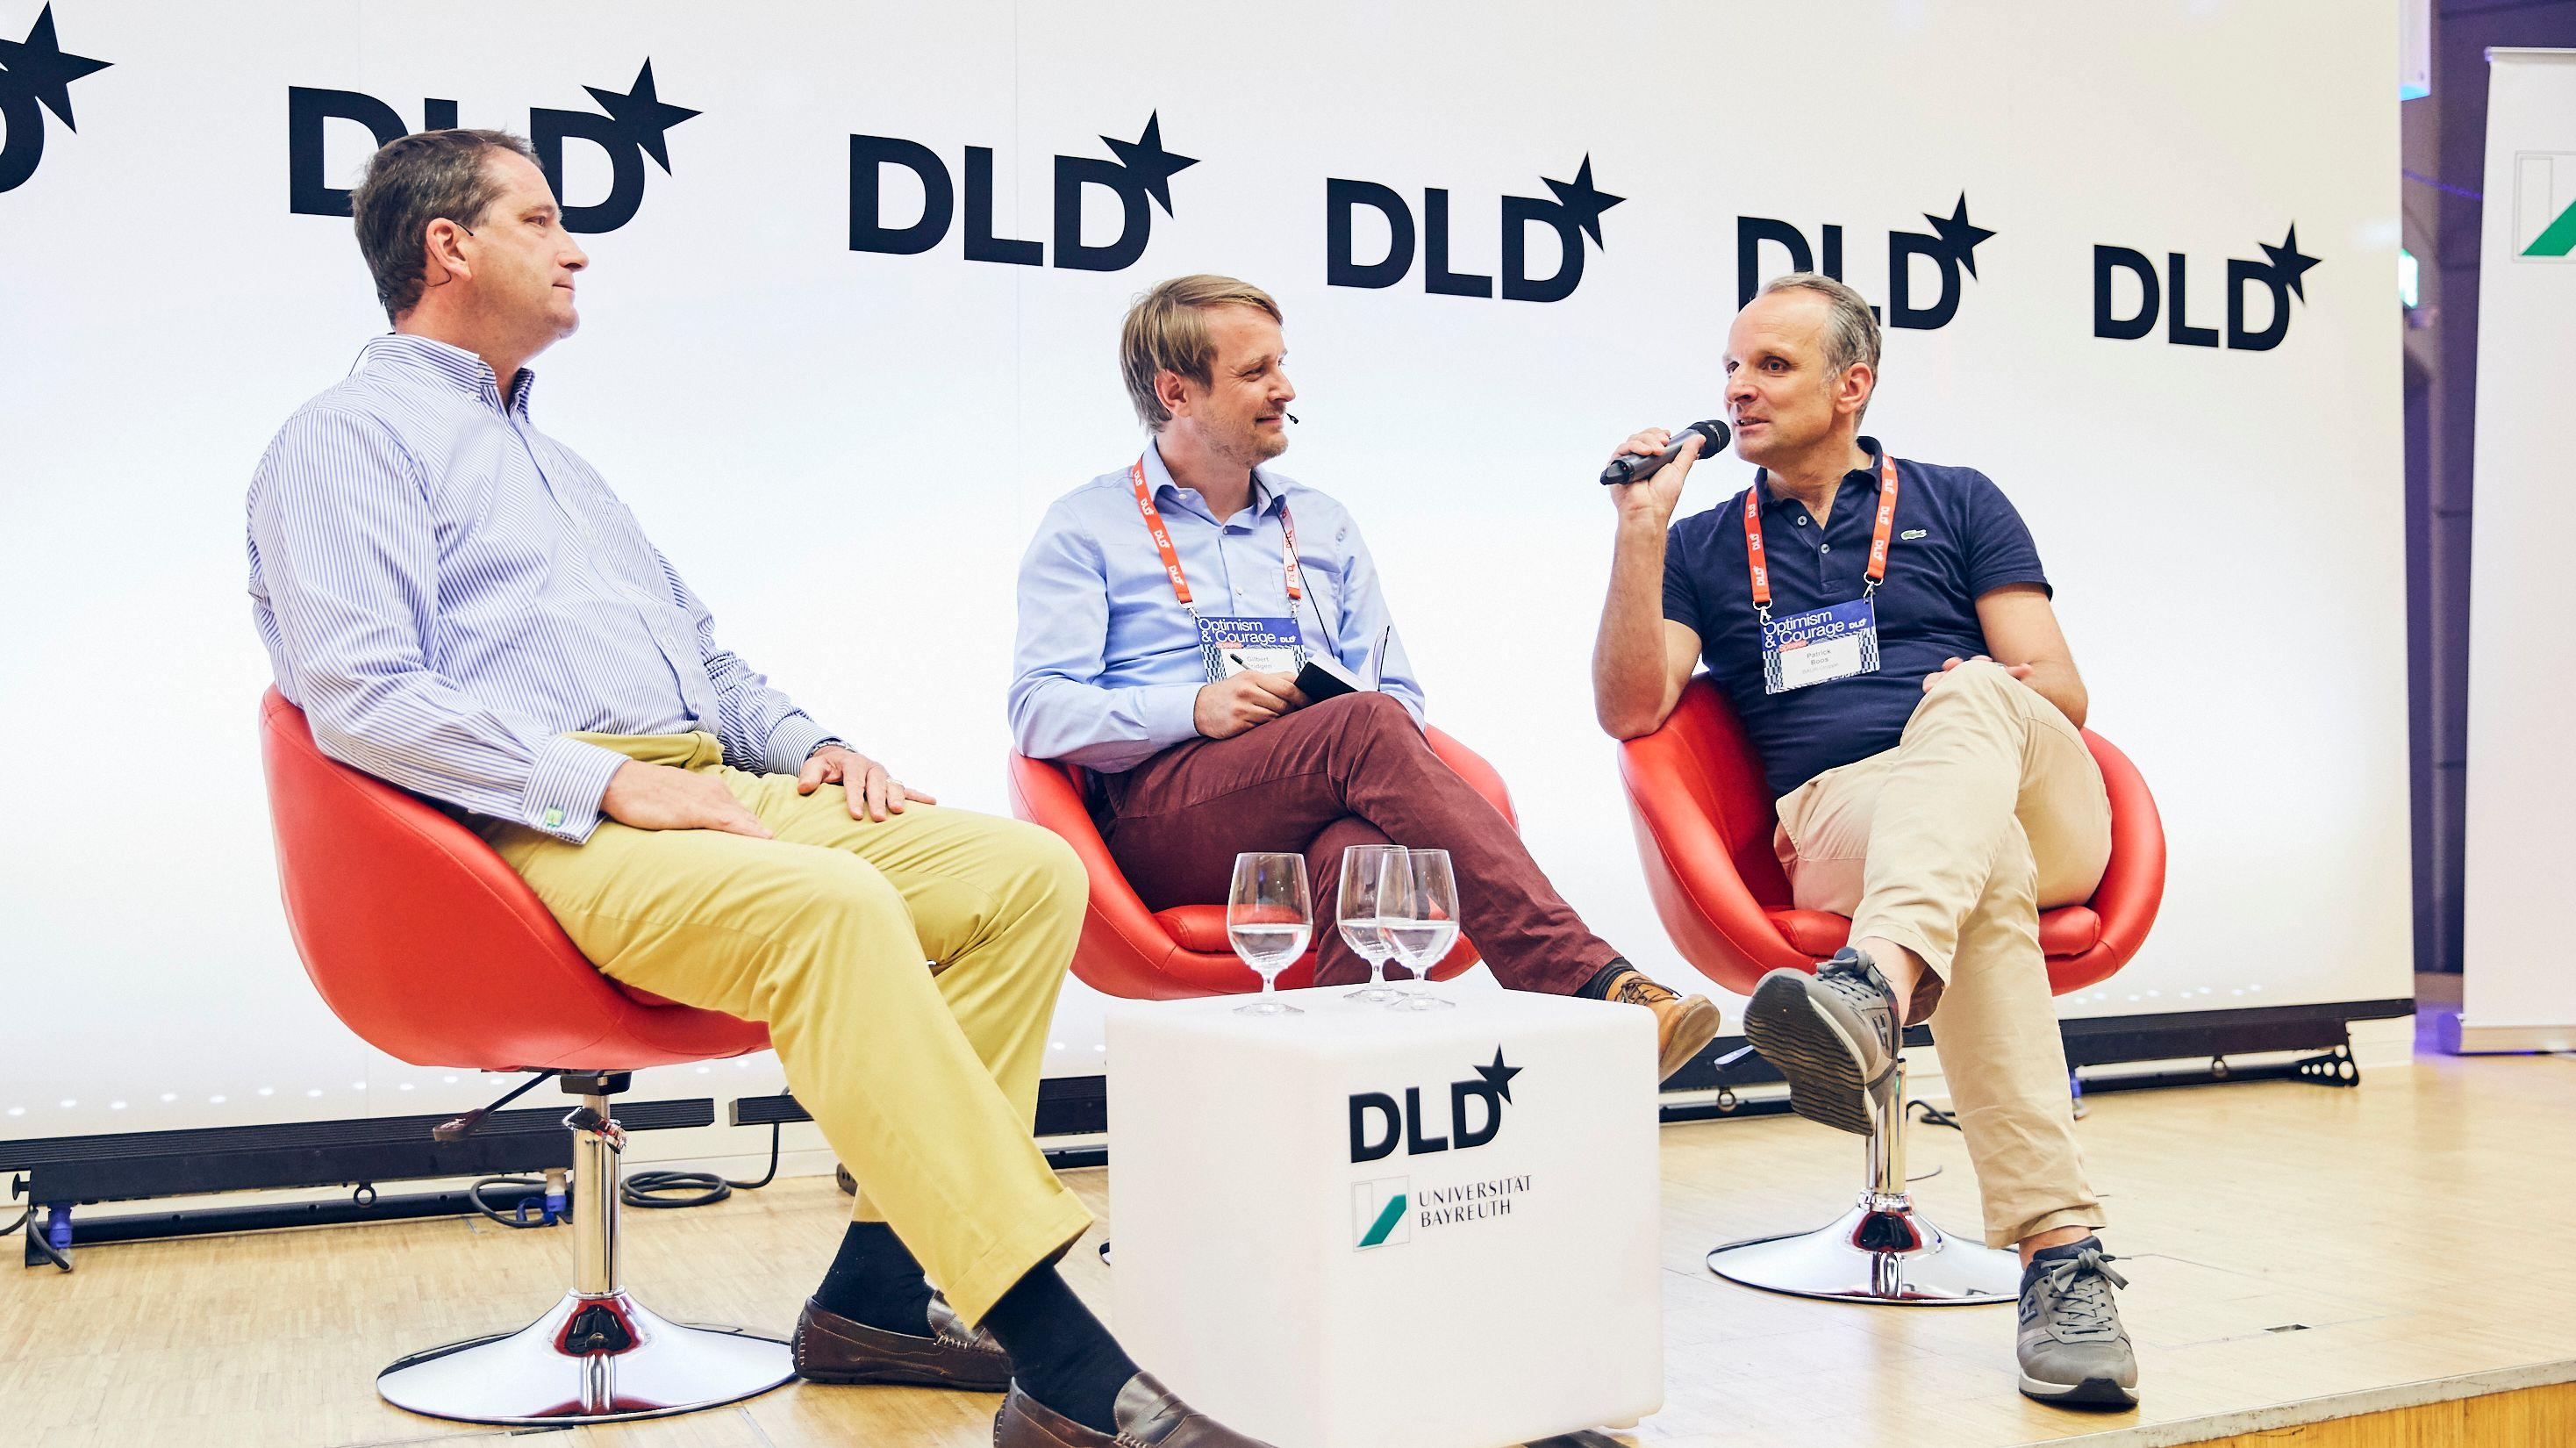 Terry von Bibra (Alibaba, links) und Patrick Boos (rechts, BAUR-Gruppe) diskutieren auf dem DLD